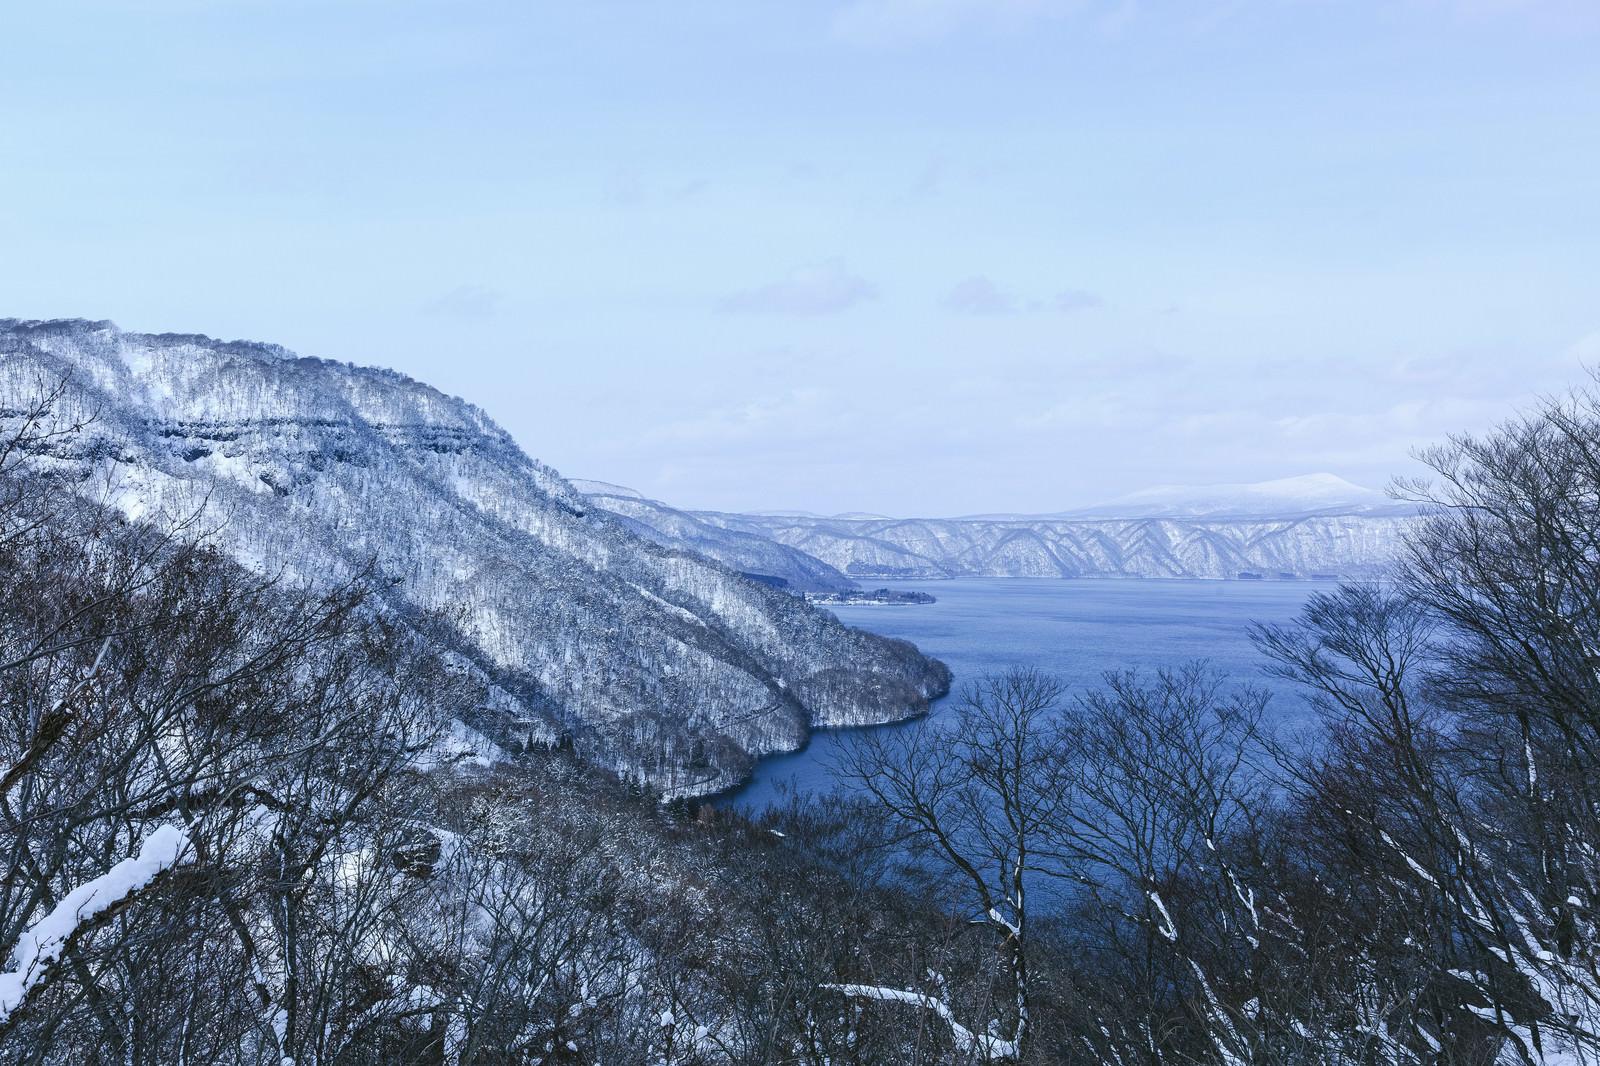 「冬の十和田湖冬の十和田湖」のフリー写真素材を拡大